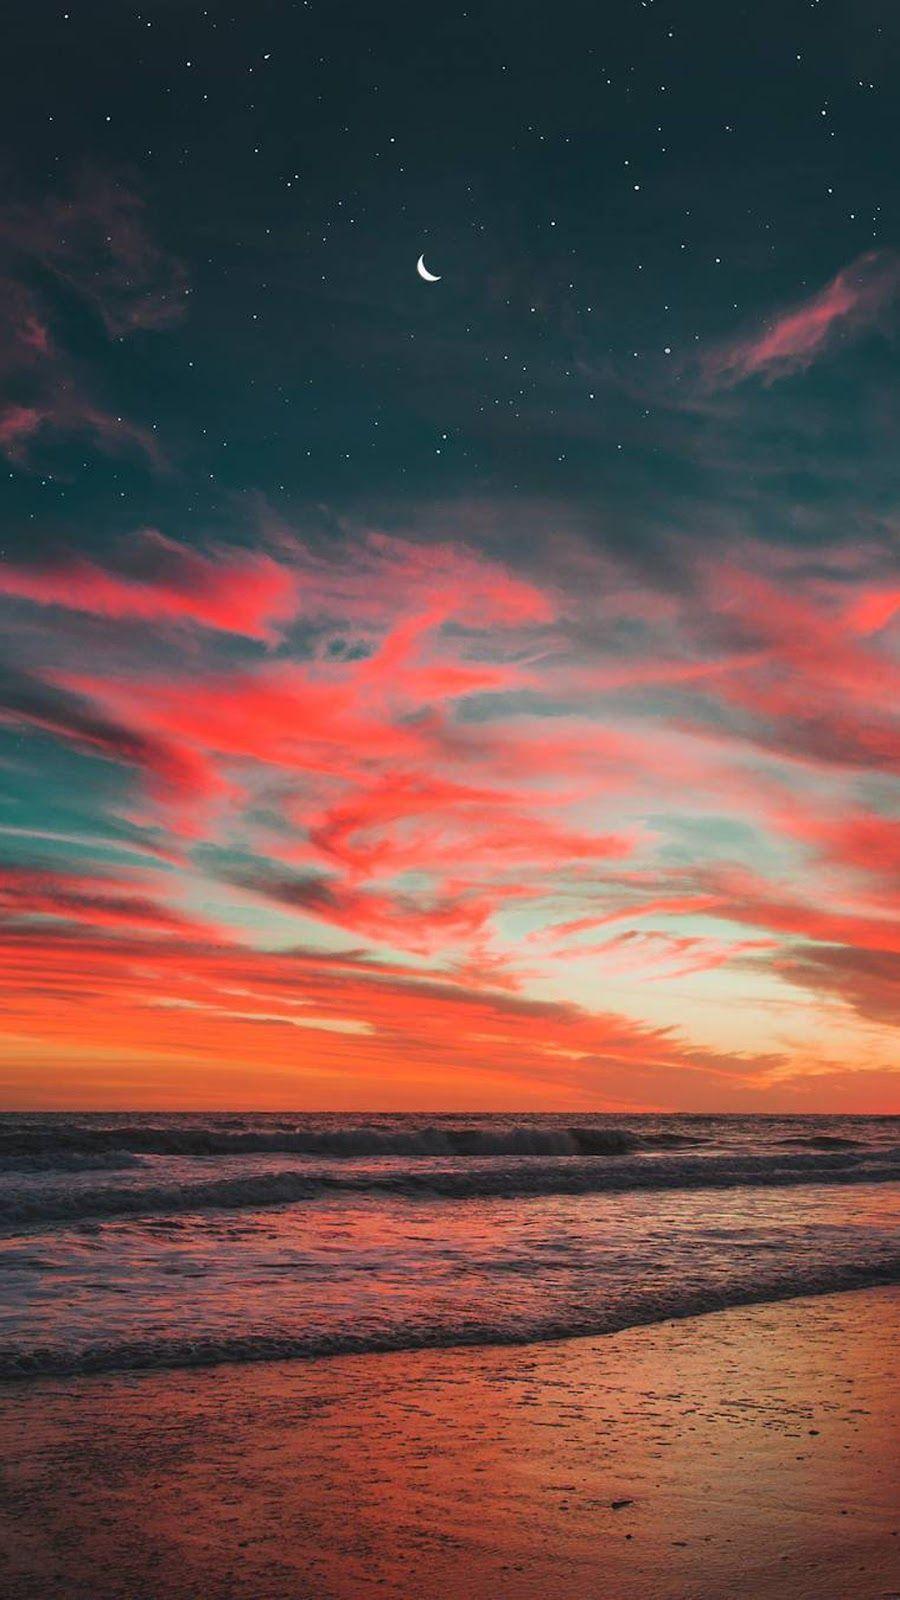 night beach wallpaper Sunset wallpaper, Beach wallpaper